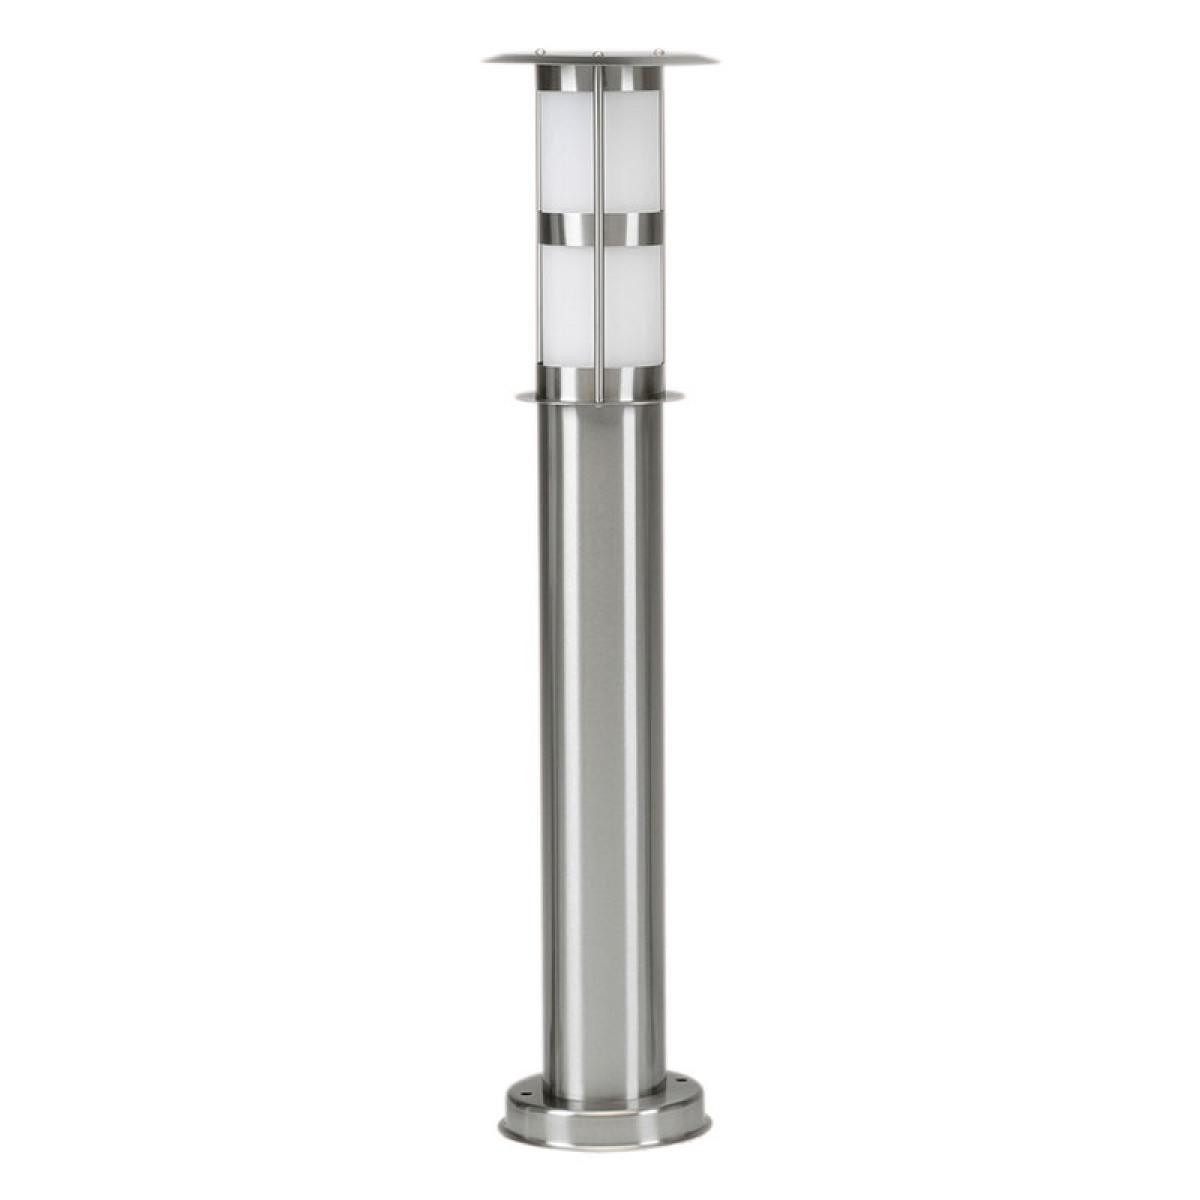 Linz 2 Tuinlamp (7034) - KS Verlichting - Tuinlampen